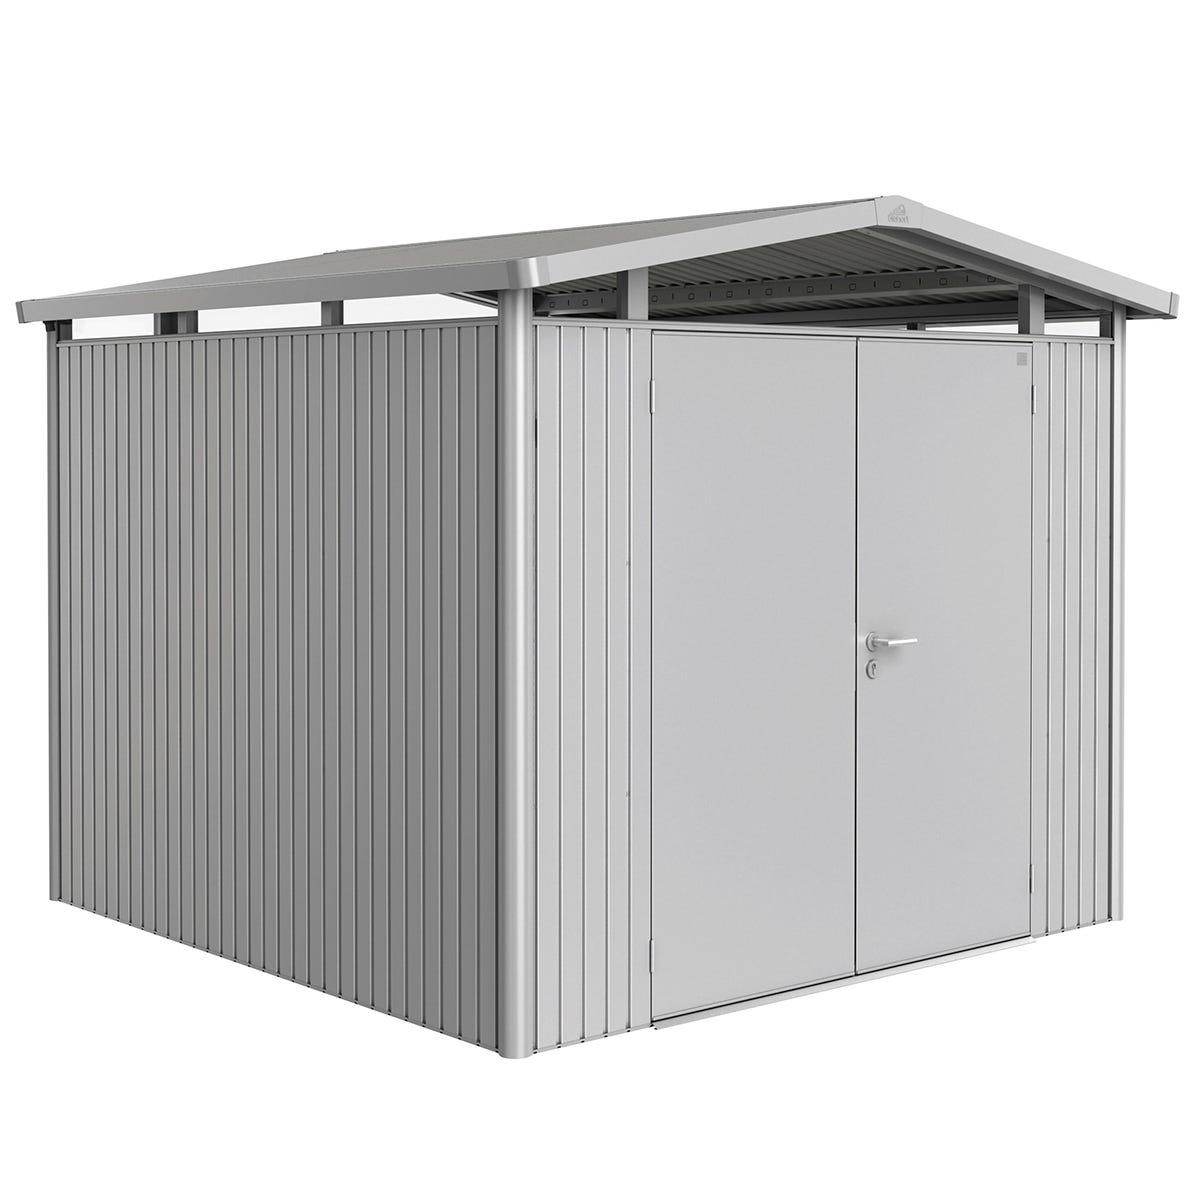 Biohort Panorama Metal Shed P4 Double Door 9' x 9' 1'' - Metallic Silver